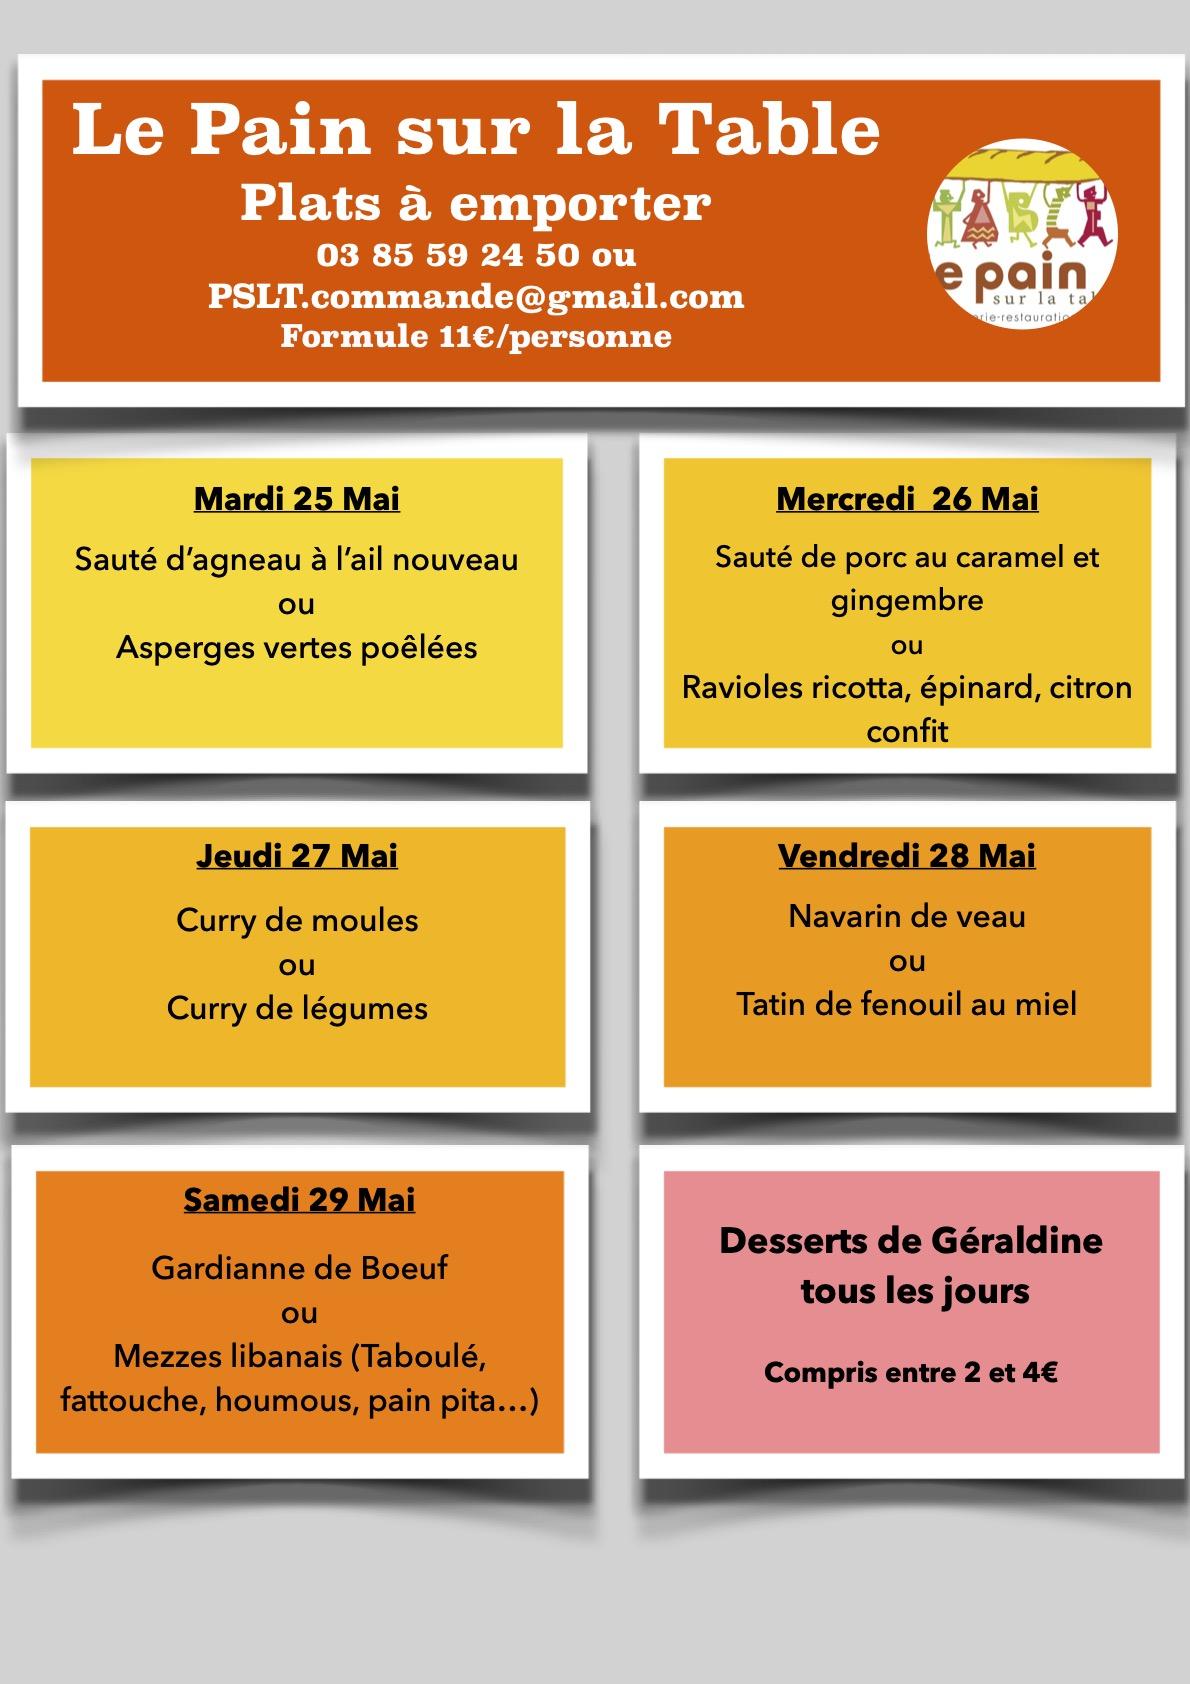 Les Menus de la semaine du 25 au 29 mai